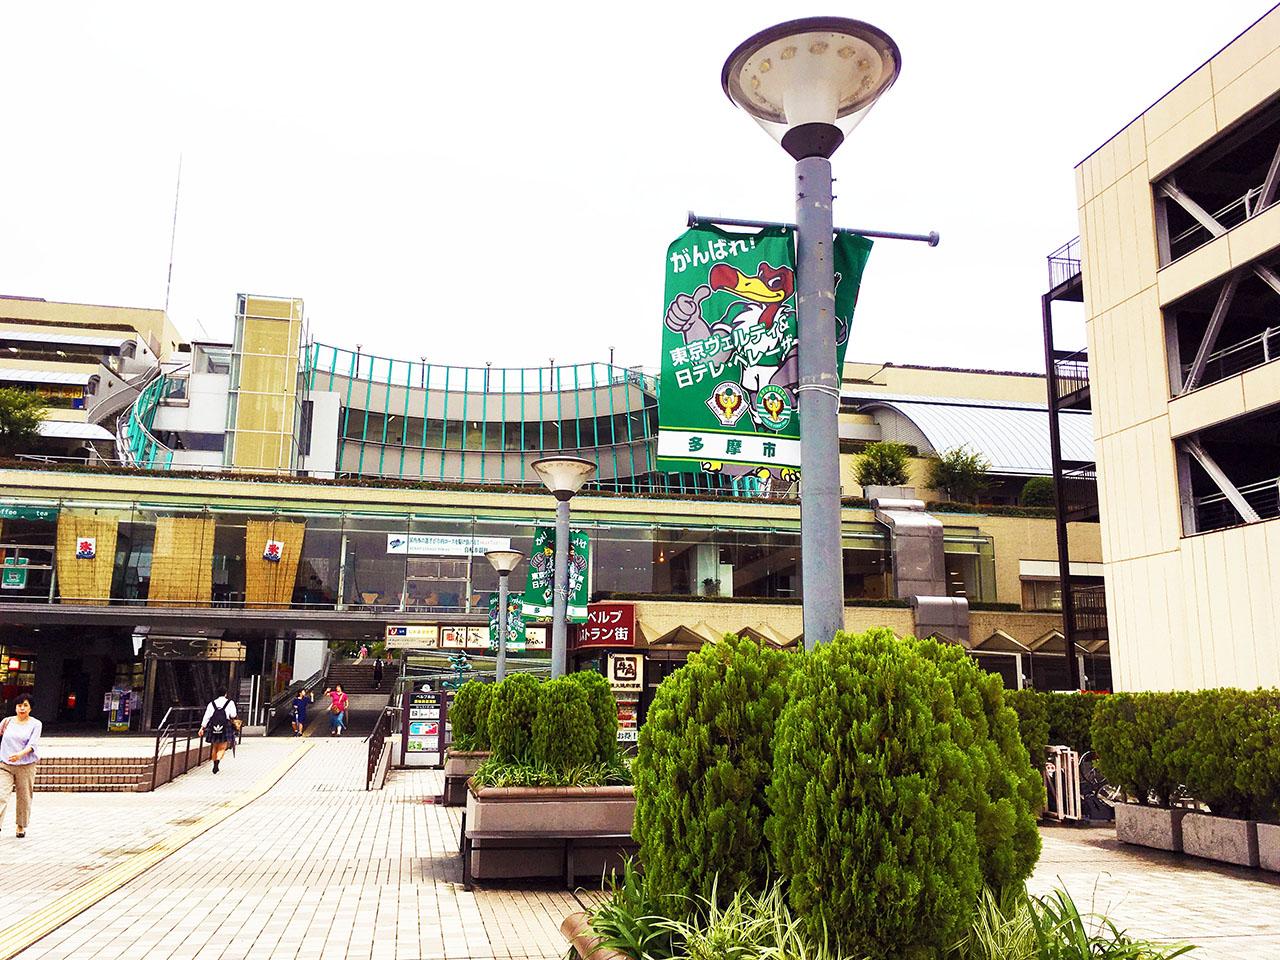 東京ヴェルディパネル展inグリナード永山・7月7日には田村直也選手がやって来る